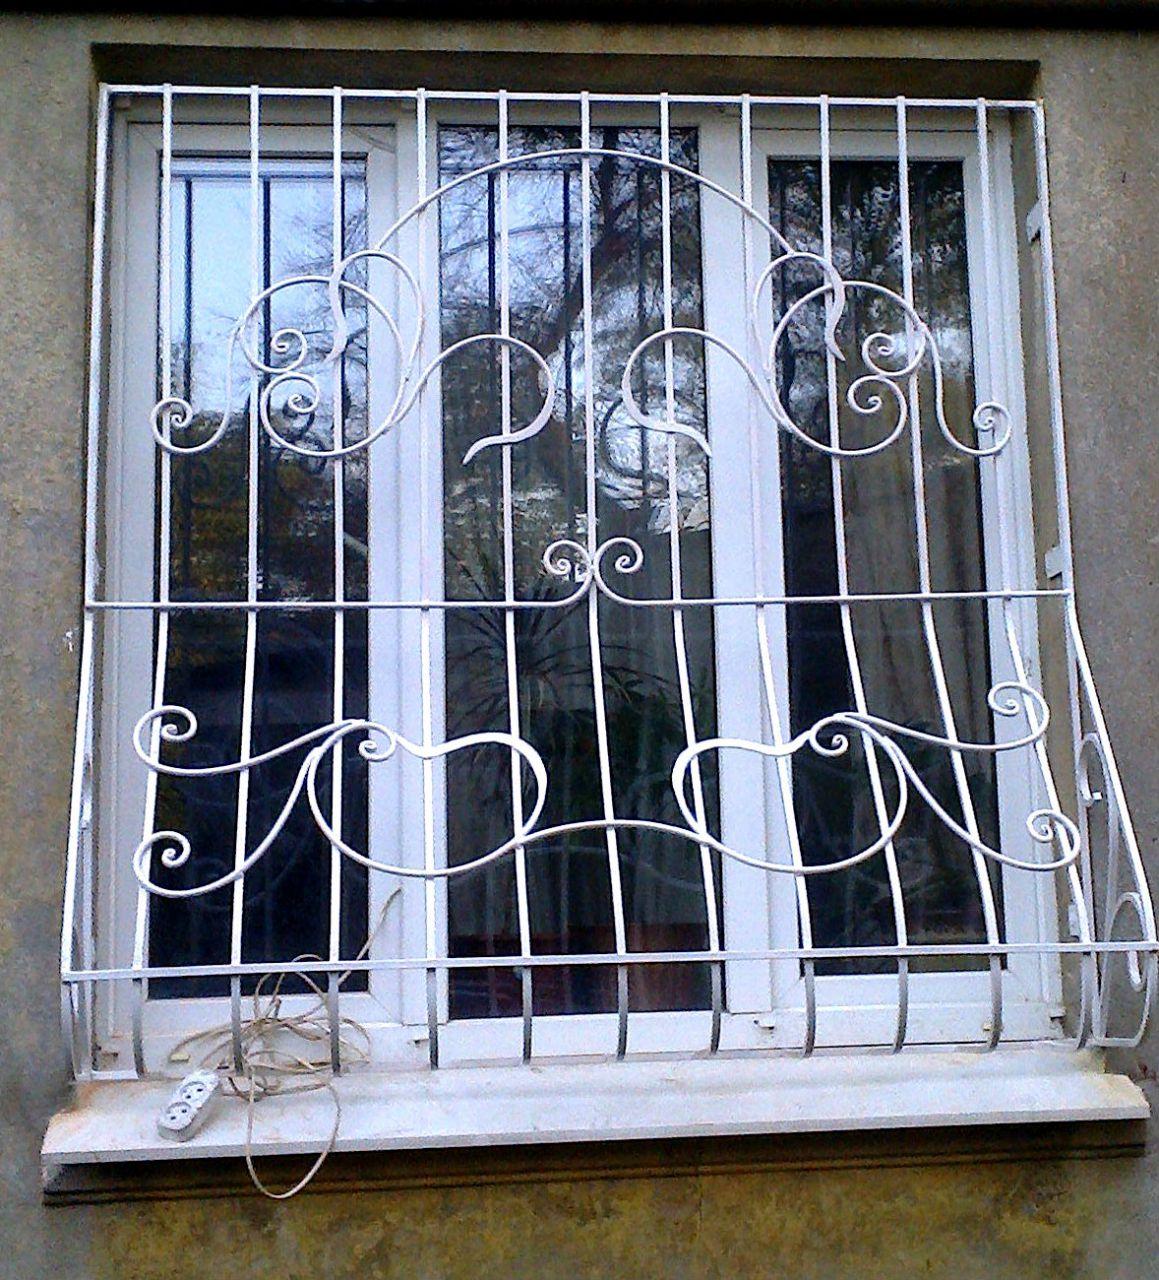 решетки на окна одесса, оконные решетки одесса, решетки на балкон Одесса, решетки Одесса, распашные решетки Одесса, решетки из металла Одесса, металлические решетки Одесса, кованые решетки Одесса, сварные решетки Одесса, простые решетки Одесса, красивые решетки Одесса, ажурные решетки Одесса, Оконные решетки Одесса, решетки на окна Одесса